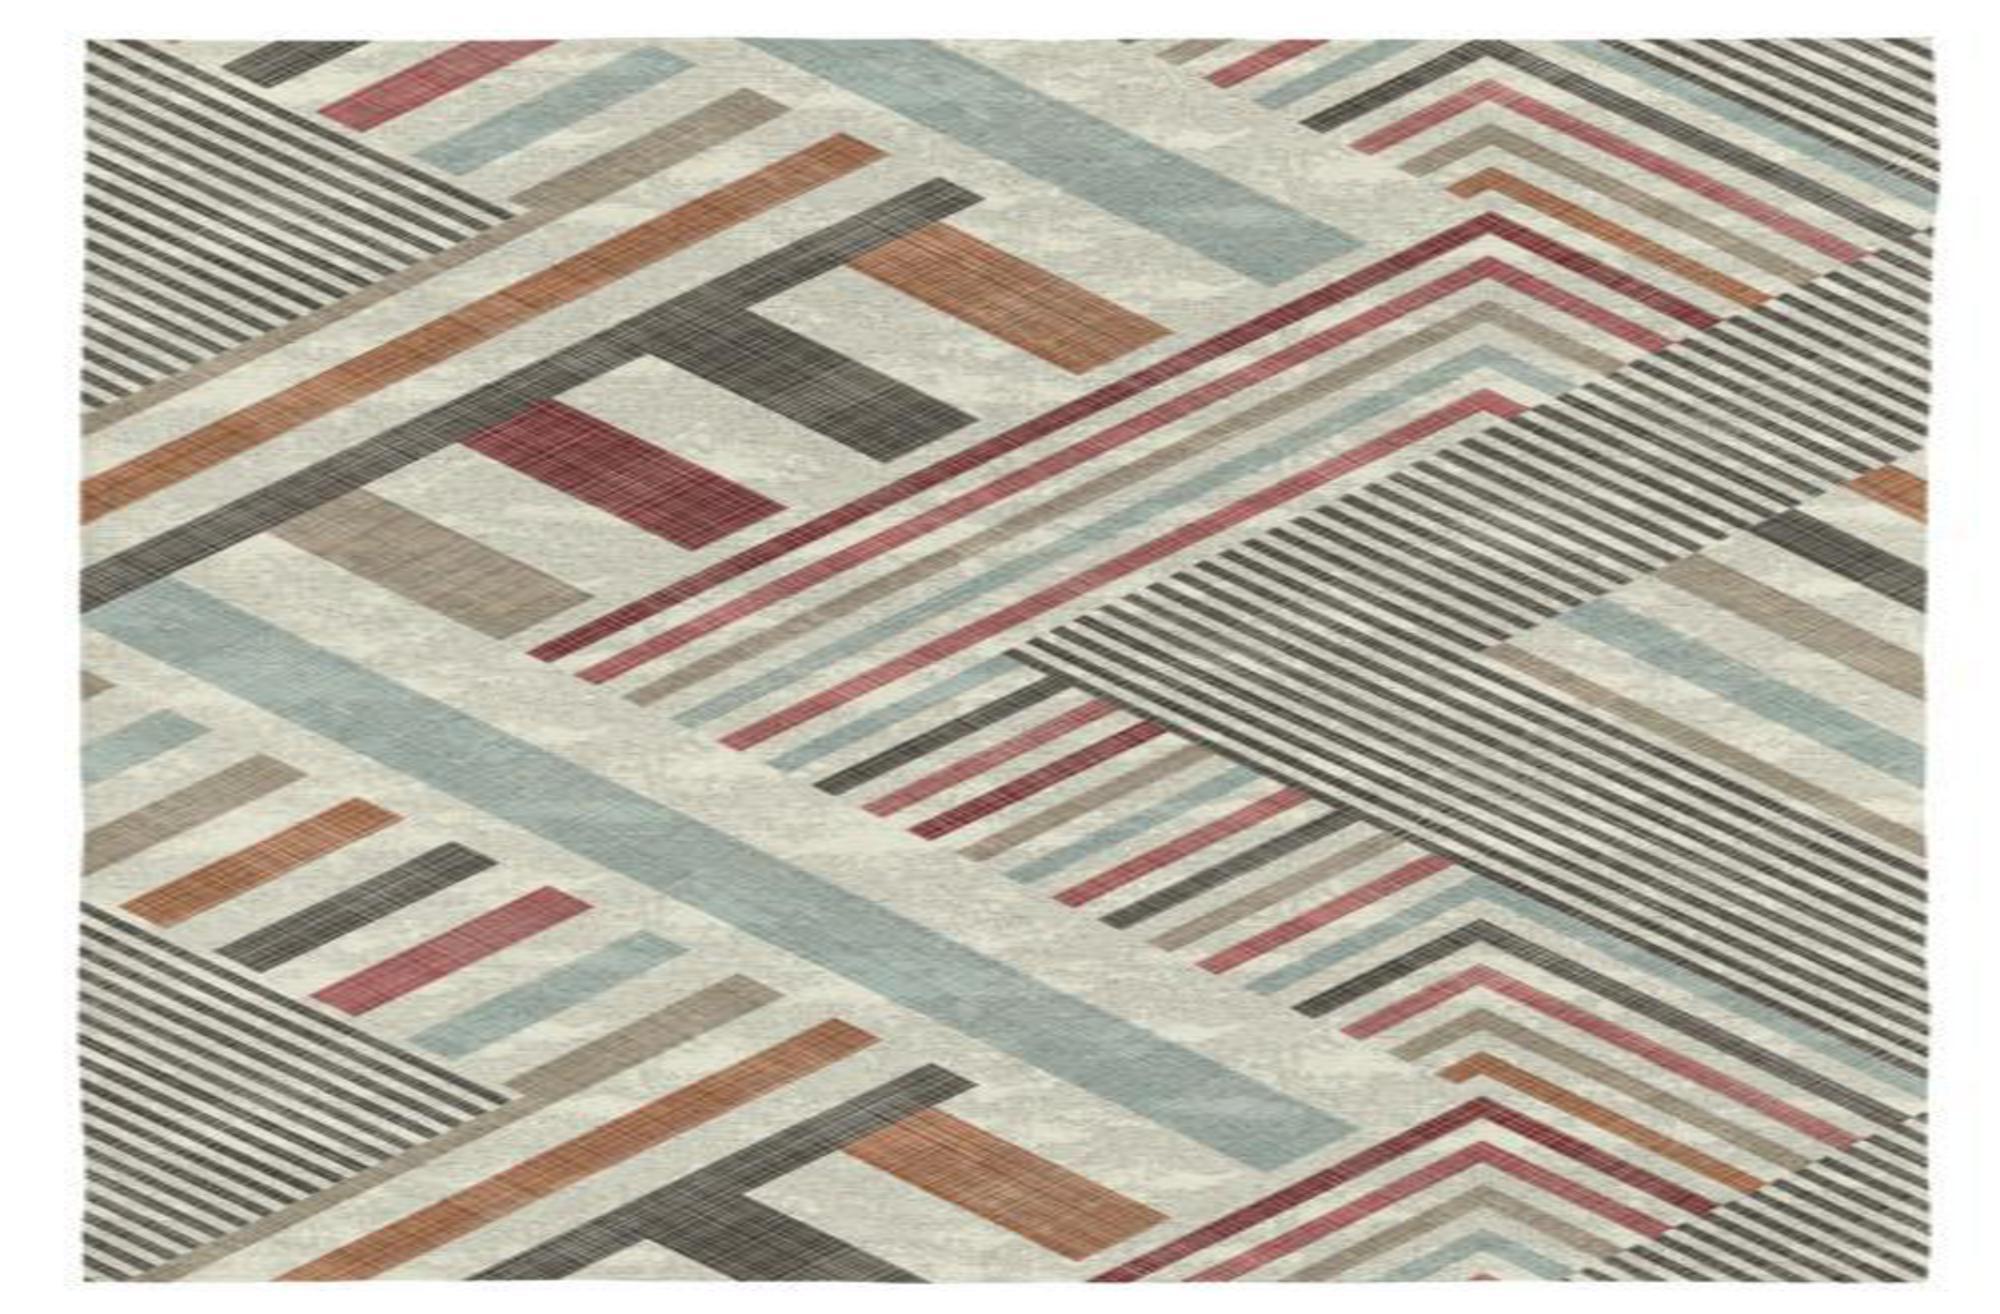 Rodier Tapis décoratif en coton en impression numérique 200x290